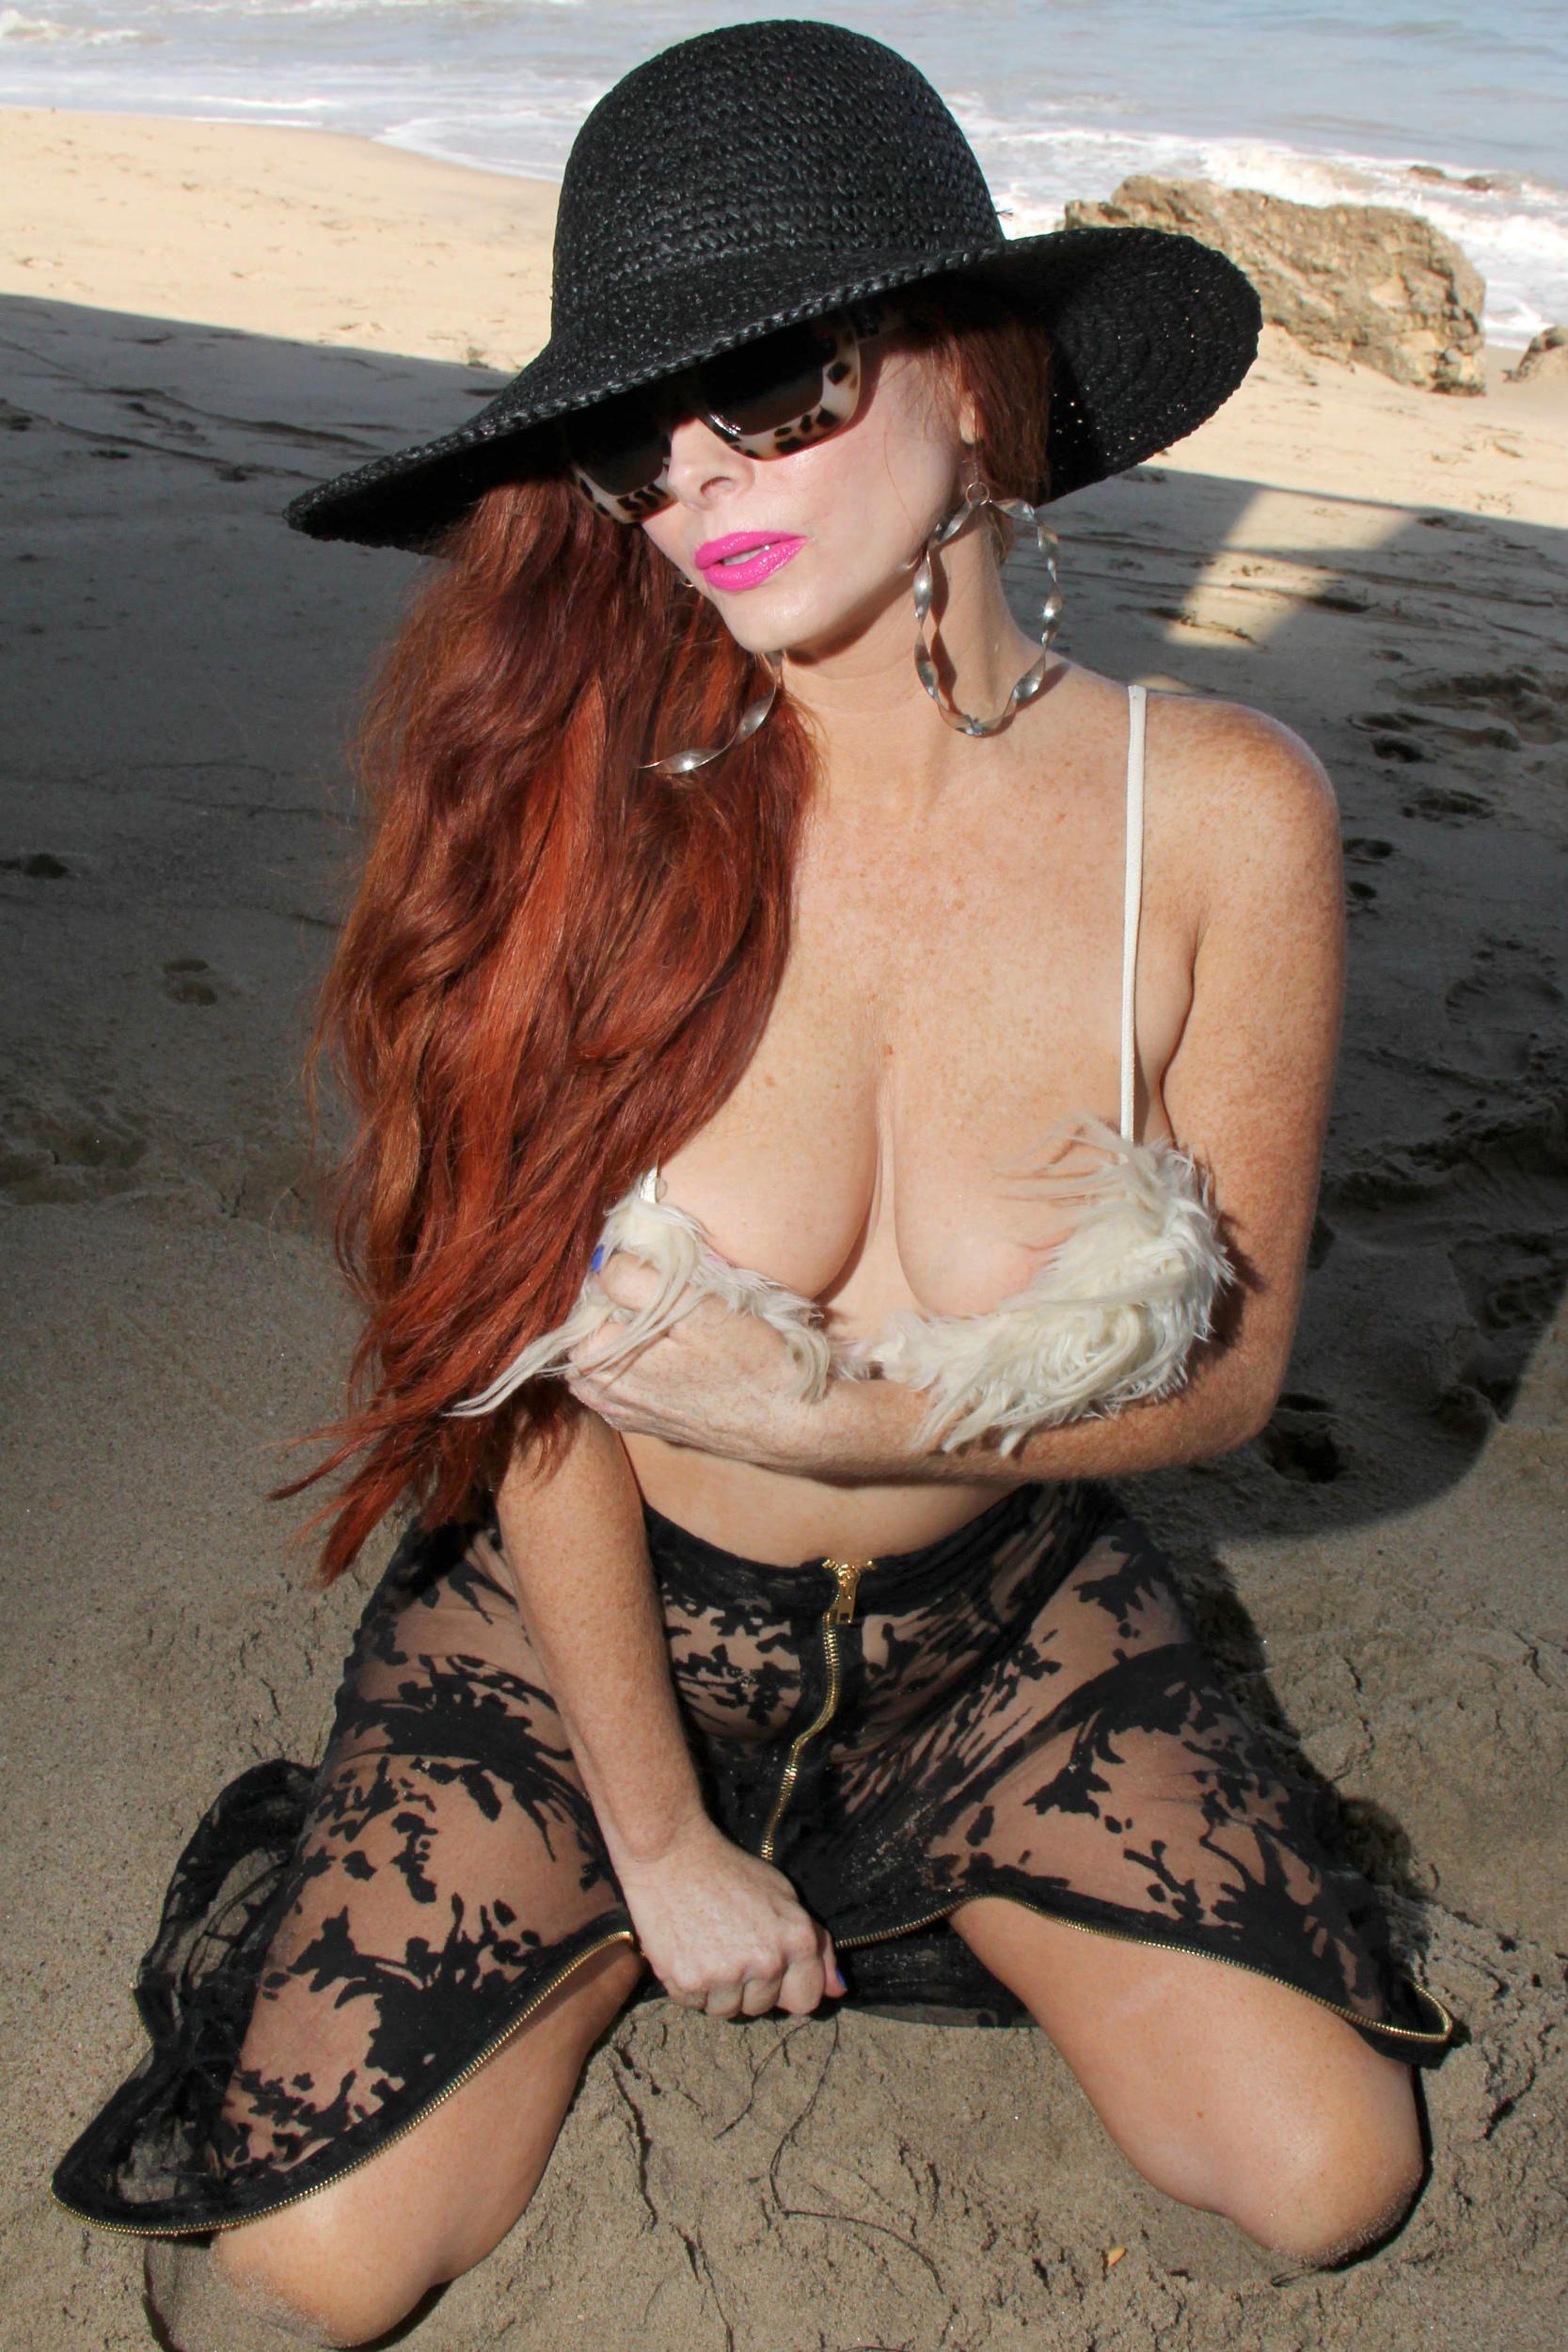 Phoebe Price Topless Pics